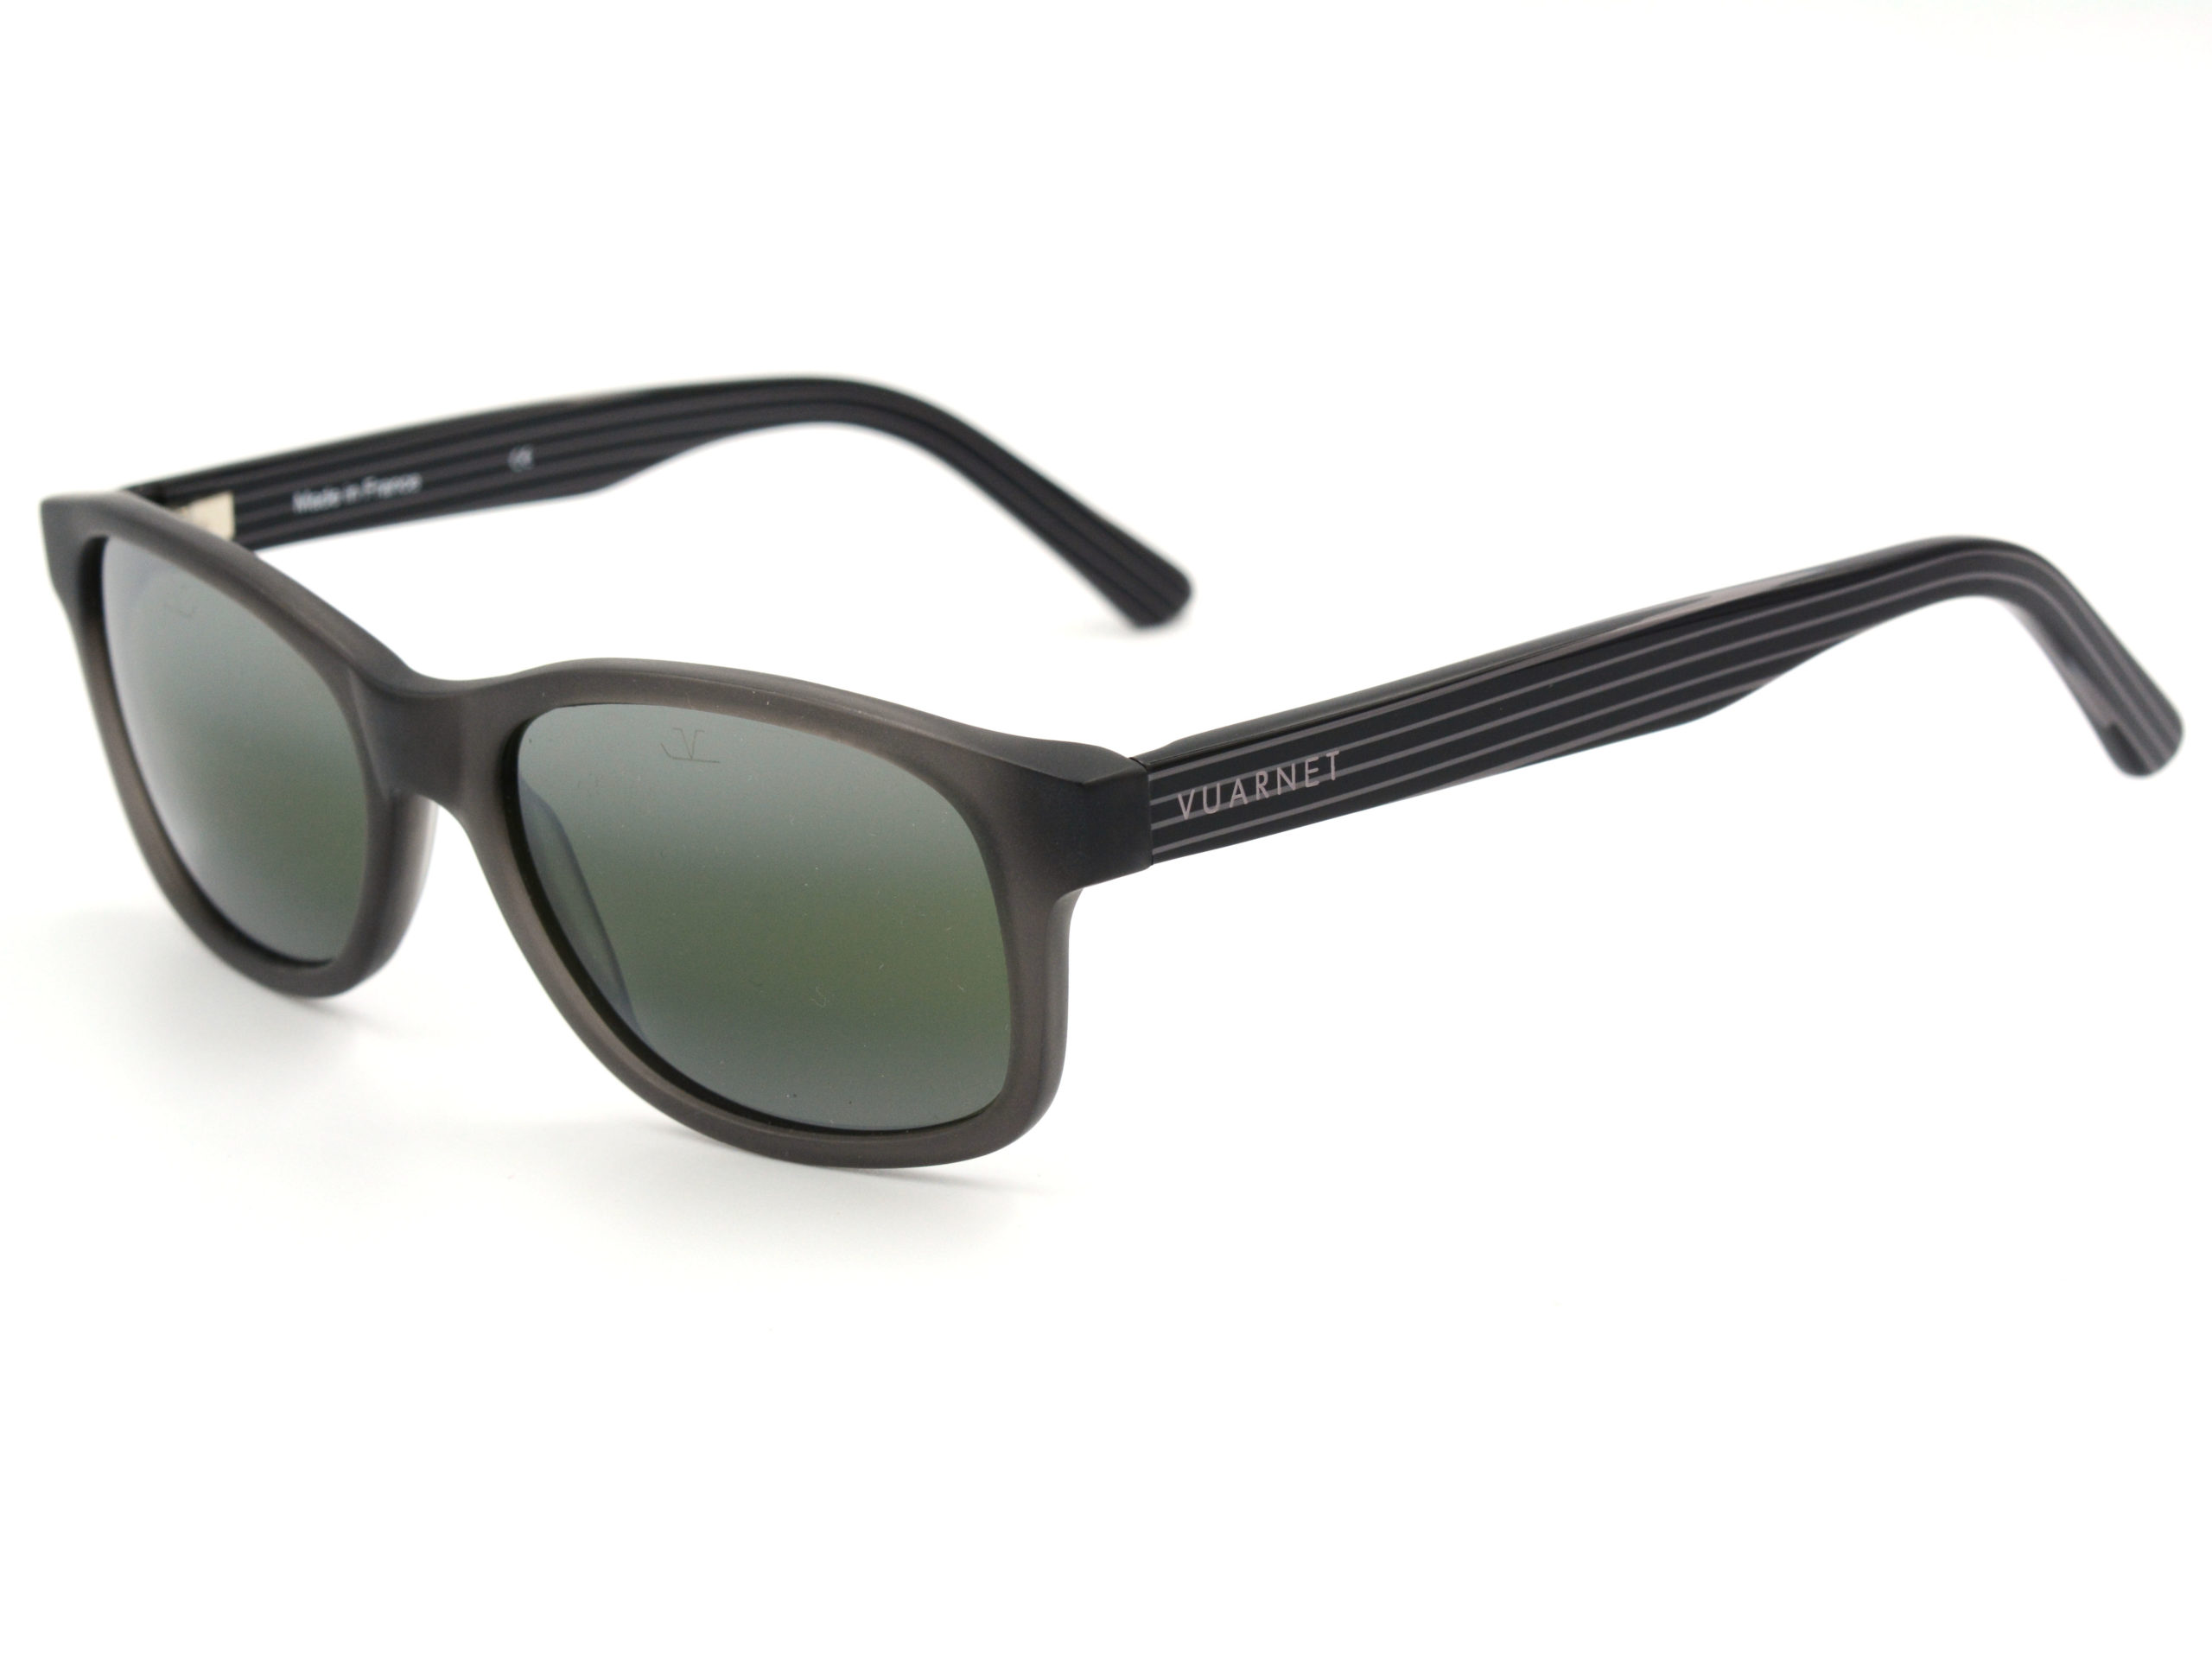 Sunglasses VUARNET VL1303 0003 SX3000 Men 2020